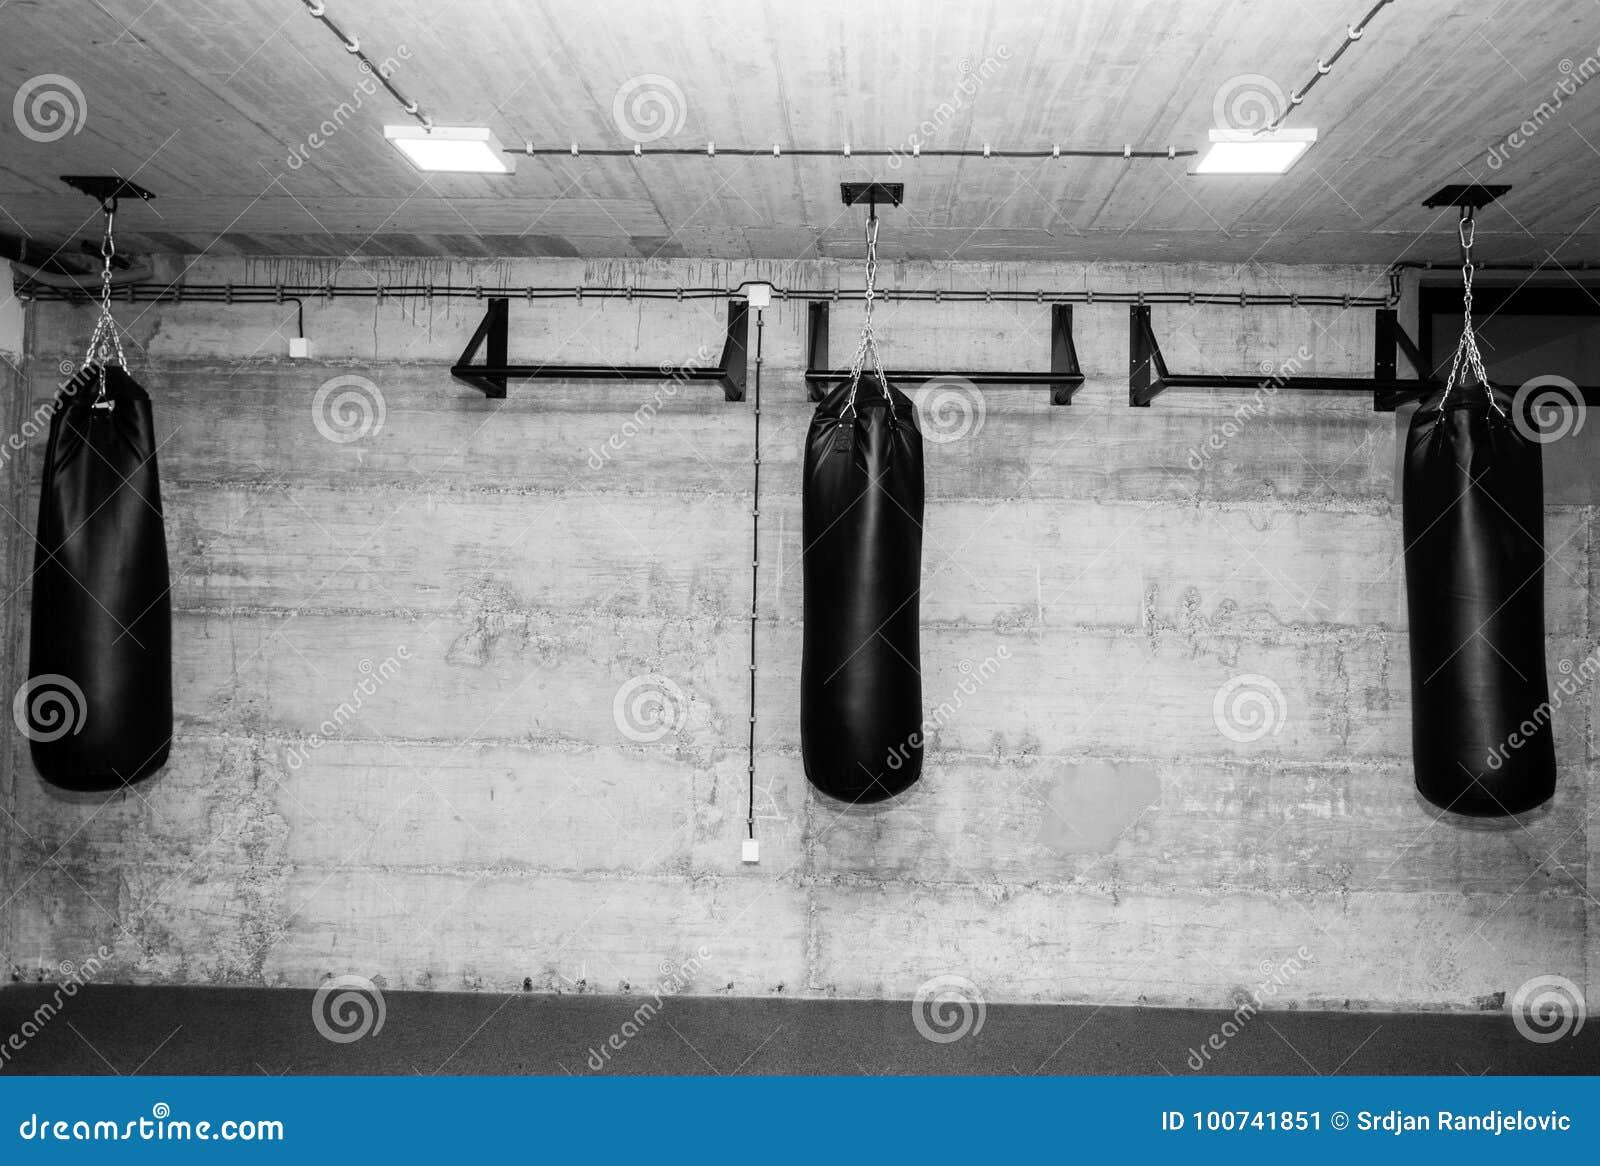 在空的拳击健身房的三个黑沙袋与赤裸难看的东西墙壁在黑白的背景中